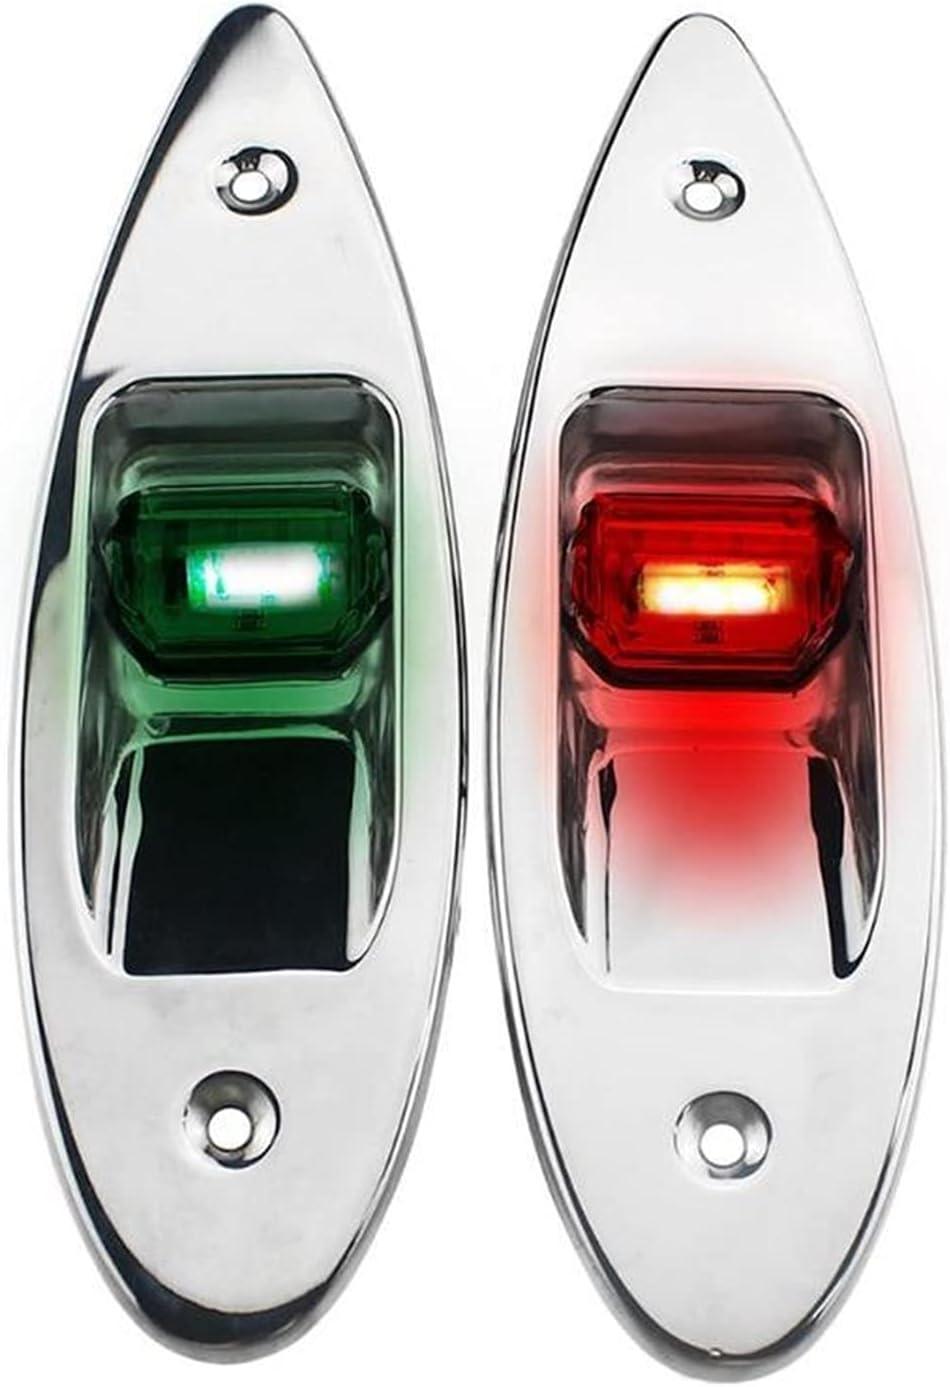 MINGMIN-DZ Boat Navigation Lights 2Pcs LED Universal Navigat 5 ☆ popular 12V Manufacturer OFFicial shop